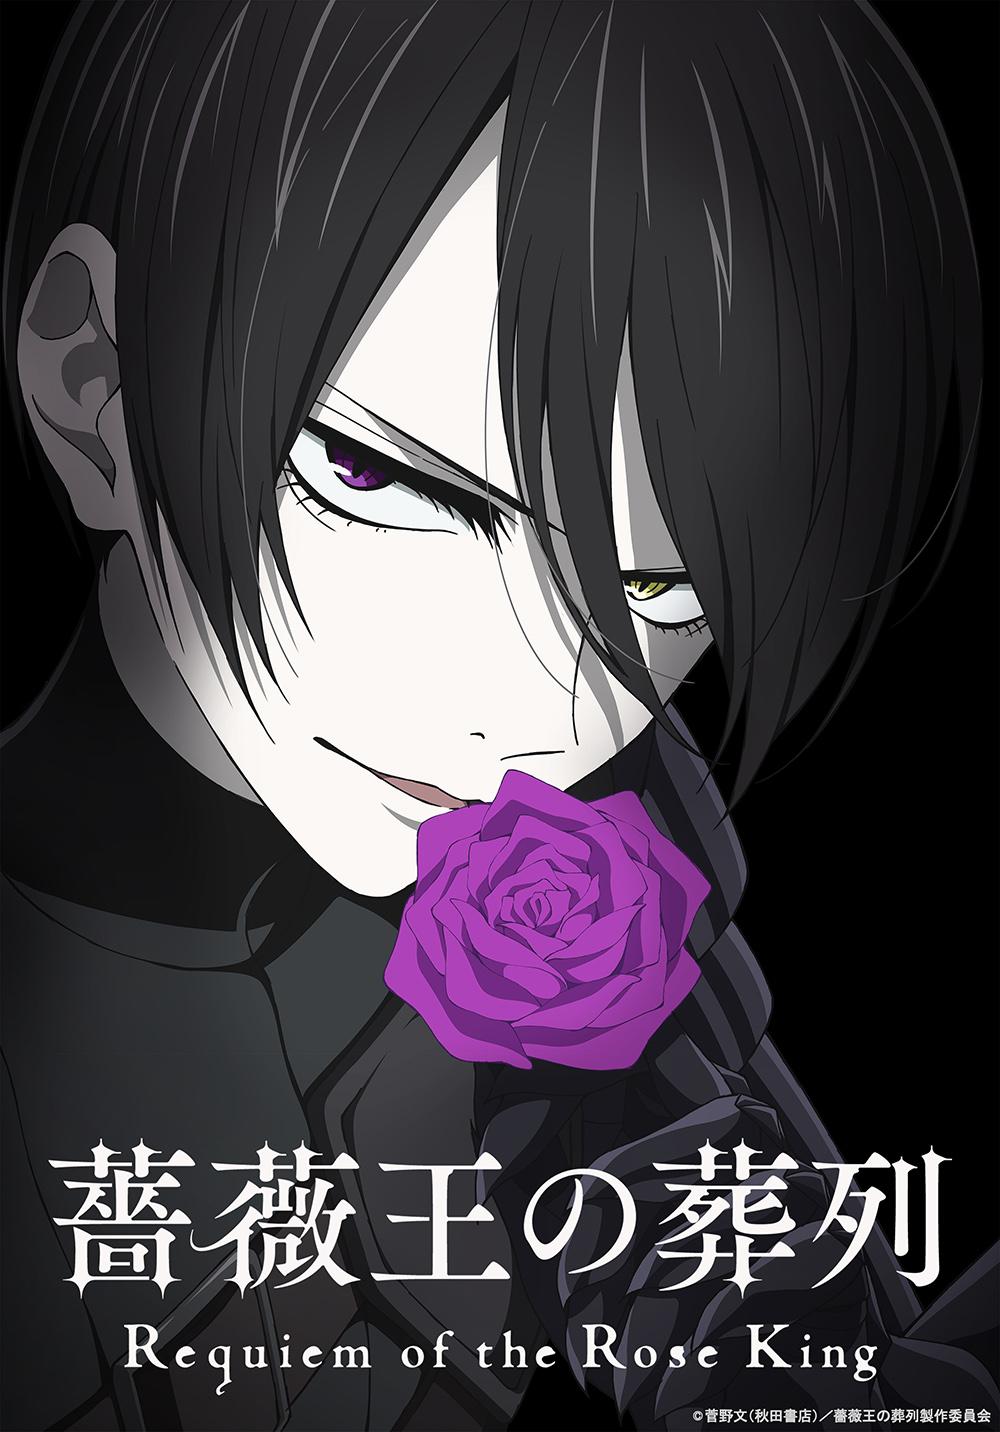 Una nueva imagen clave para el próximo anime de televisión Requiem of the Rose King, con un primer plano del personaje principal, Richard, un hombre intersexual.  Richard es delgado, de piel pálida, cabello negro y ojos heterocromáticos (uno morado, otro amarillo).  Sostiene una flor de rosa púrpura hasta su rostro y sonríe inquietantemente.